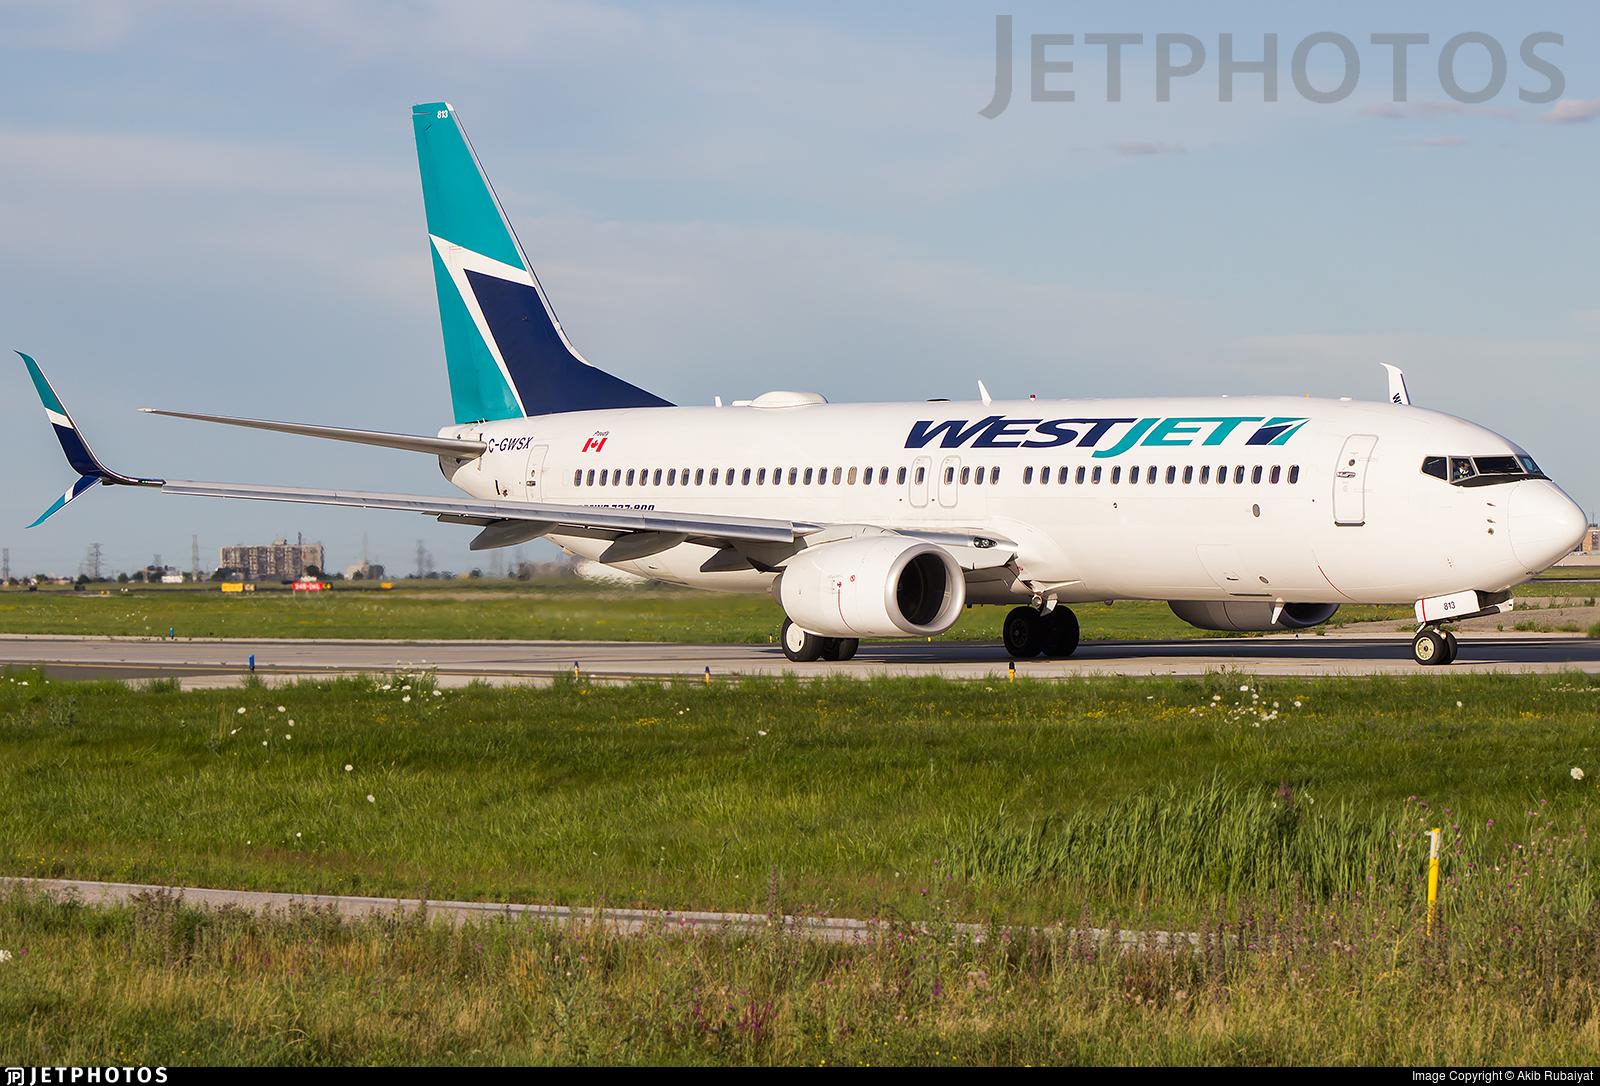 C-GWSX - Boeing 737-8CT - WestJet Airlines